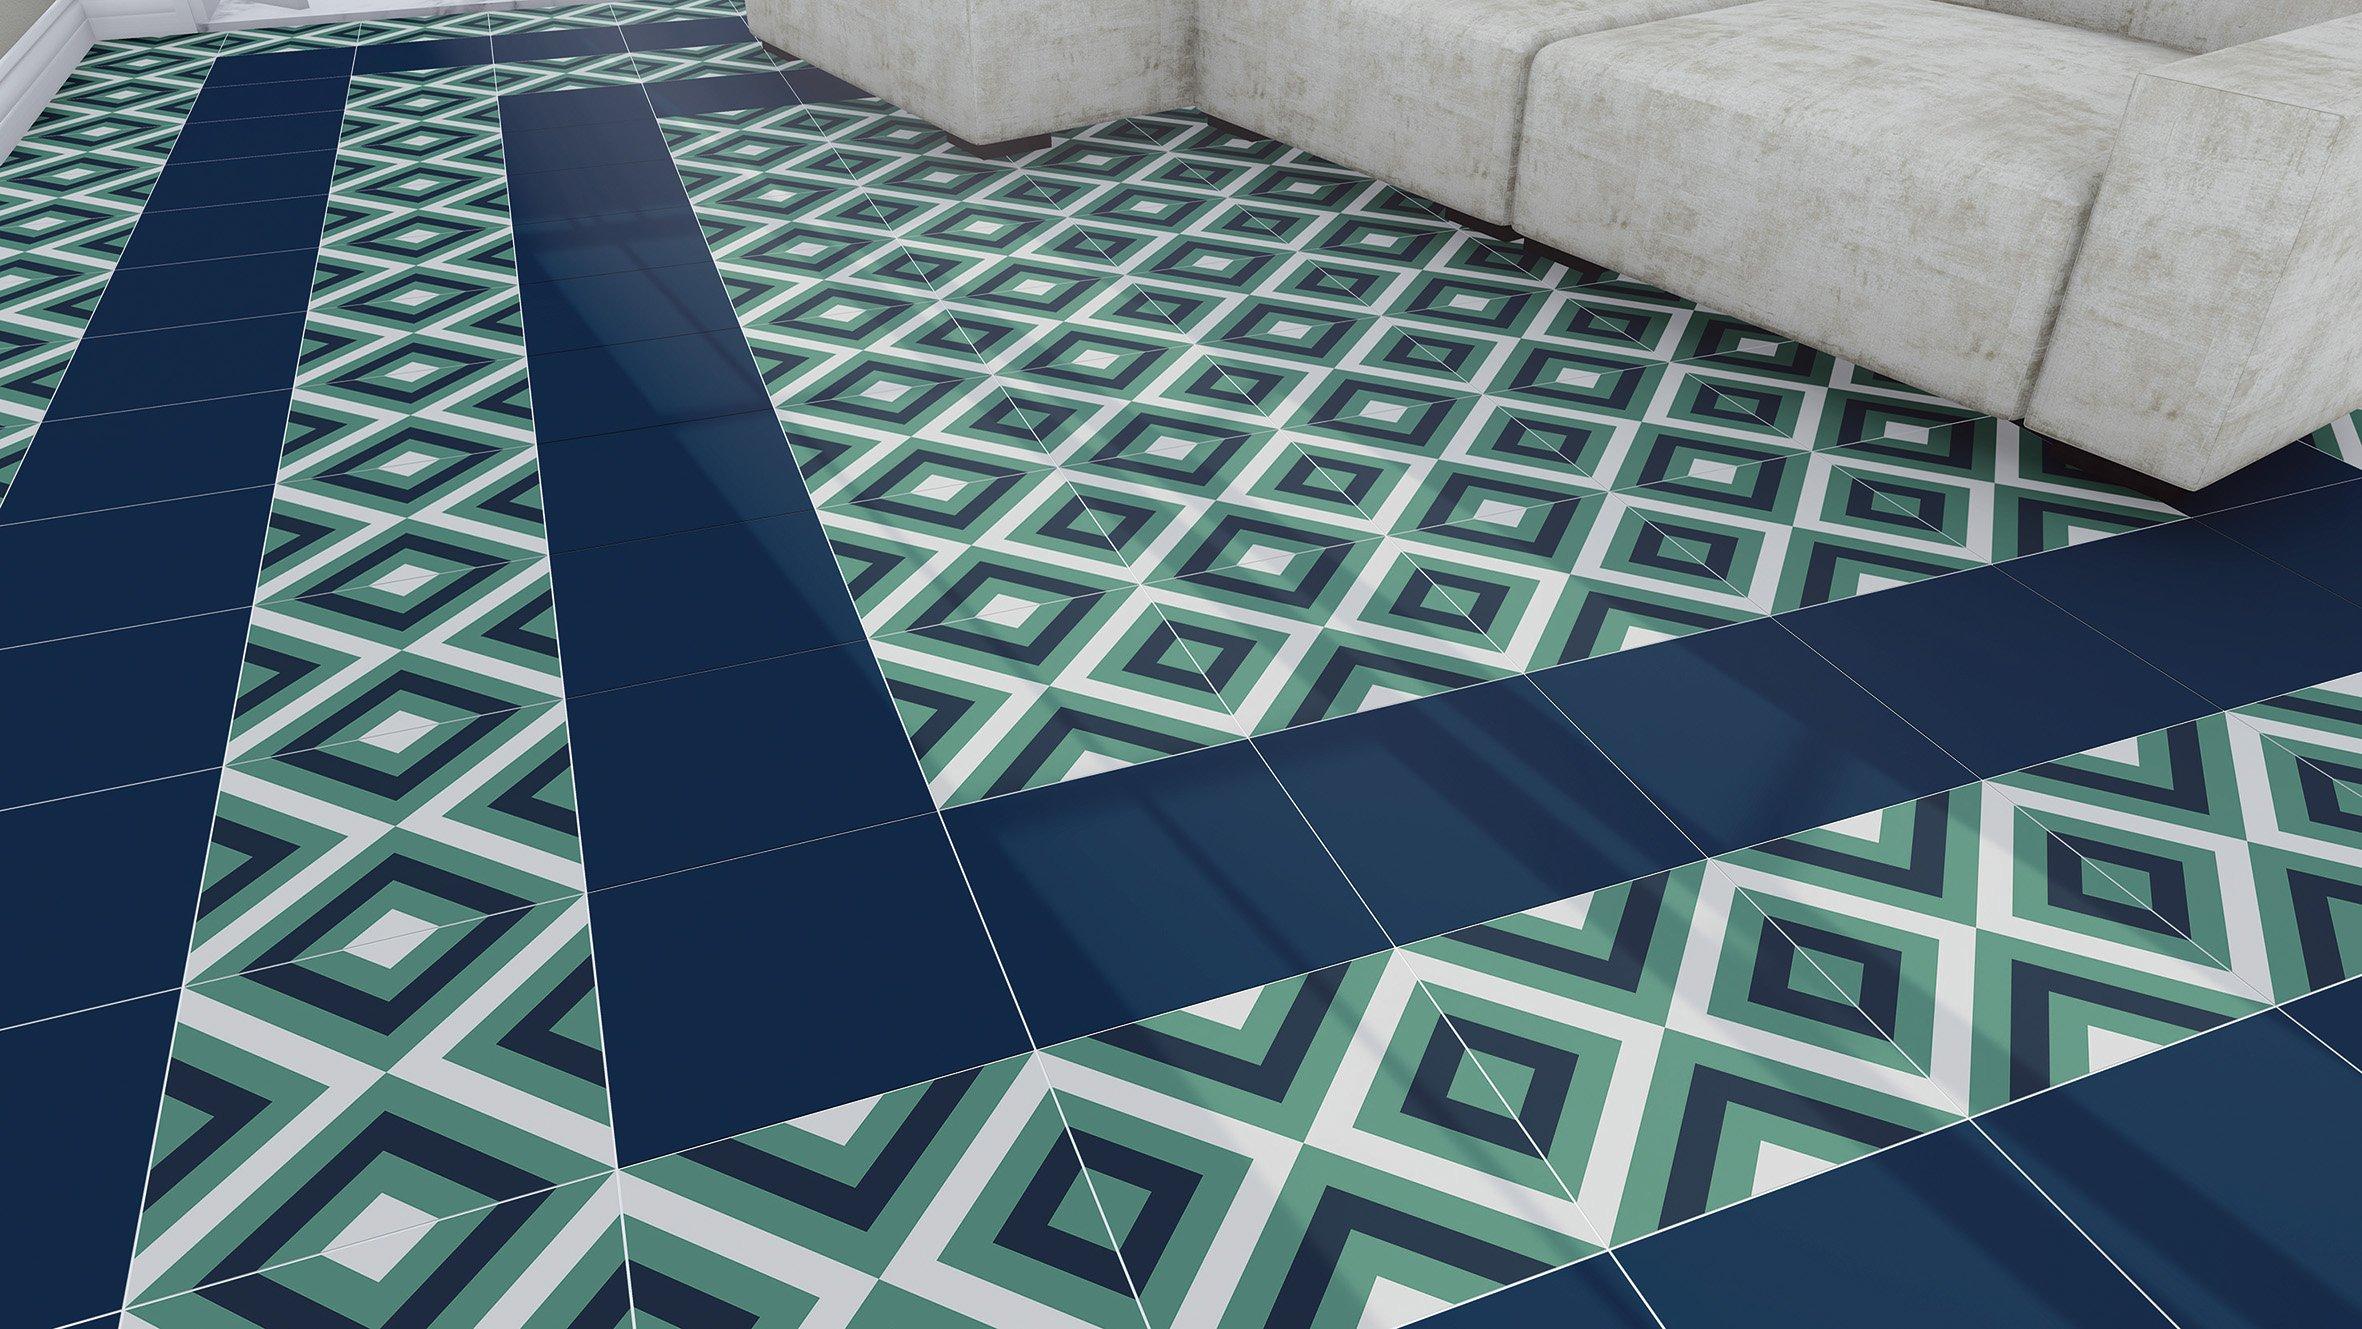 Adesivi per piastrelle per rinnovare il look di pareti e pavimenti